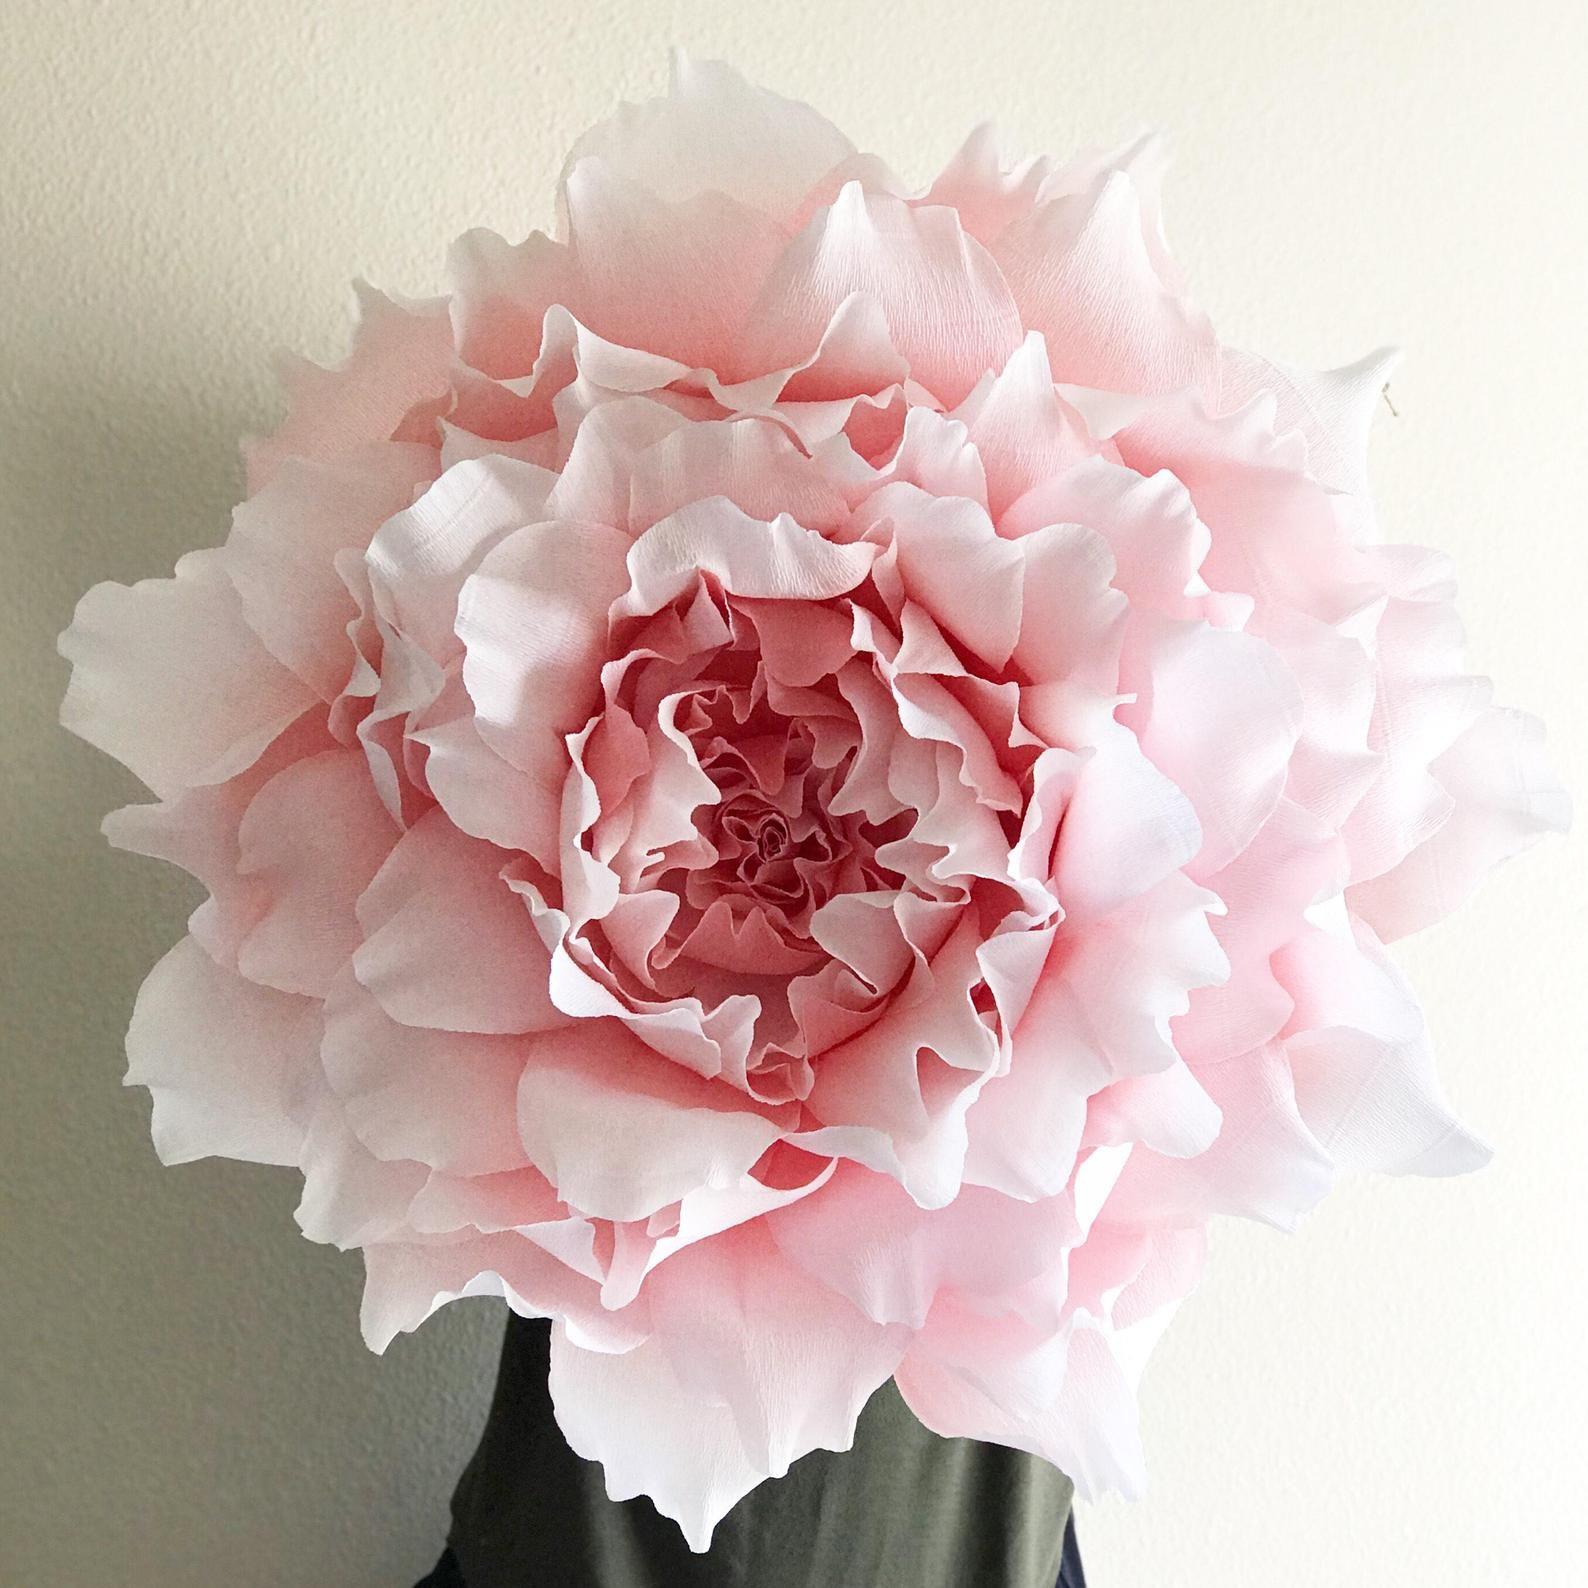 Image 0 Paper Flowers Wedding Paper Flowers Floral Nursery